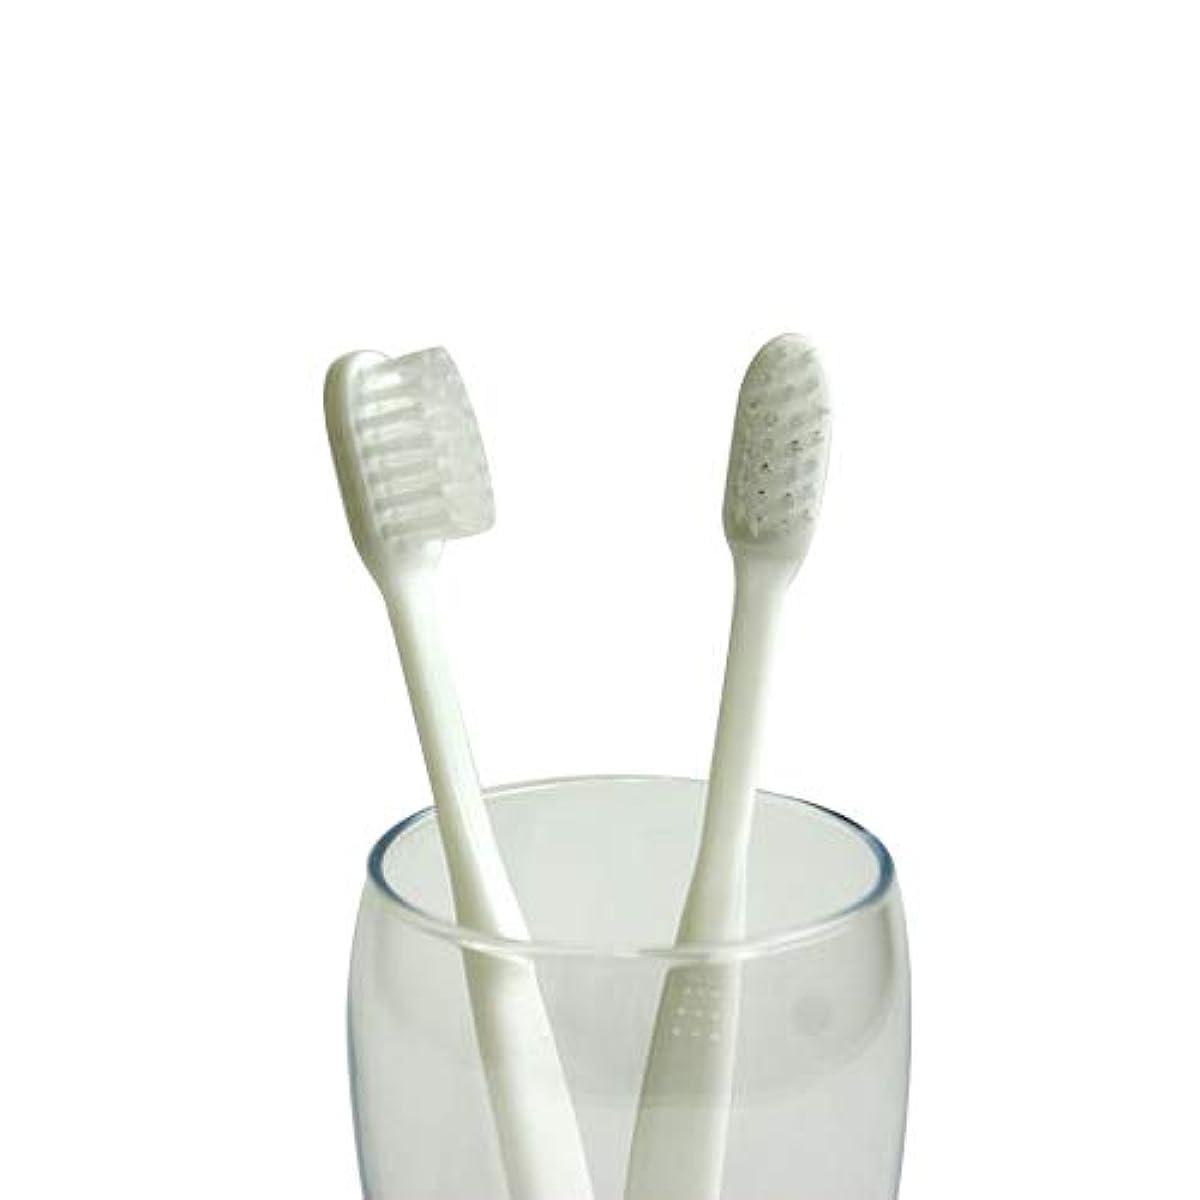 民間裁判所成長する業務用使い捨て歯ブラシ(ハミガキ粉無し) 100本入り│口腔衛生用 清掃用 掃除用 工業用 ハブラシ はぶらし